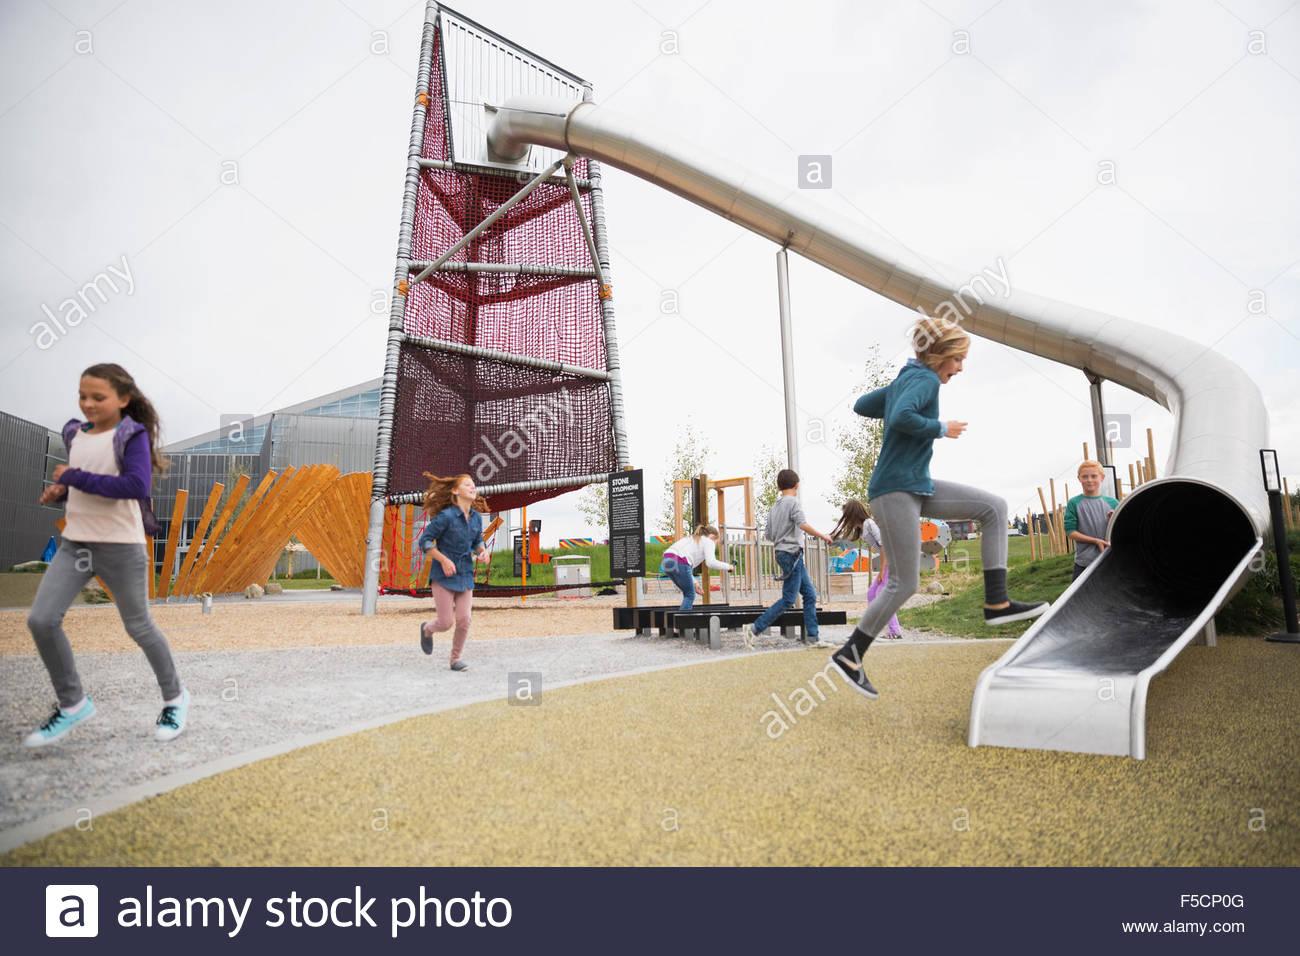 Kinder spielen am Spielplatz Stockfoto